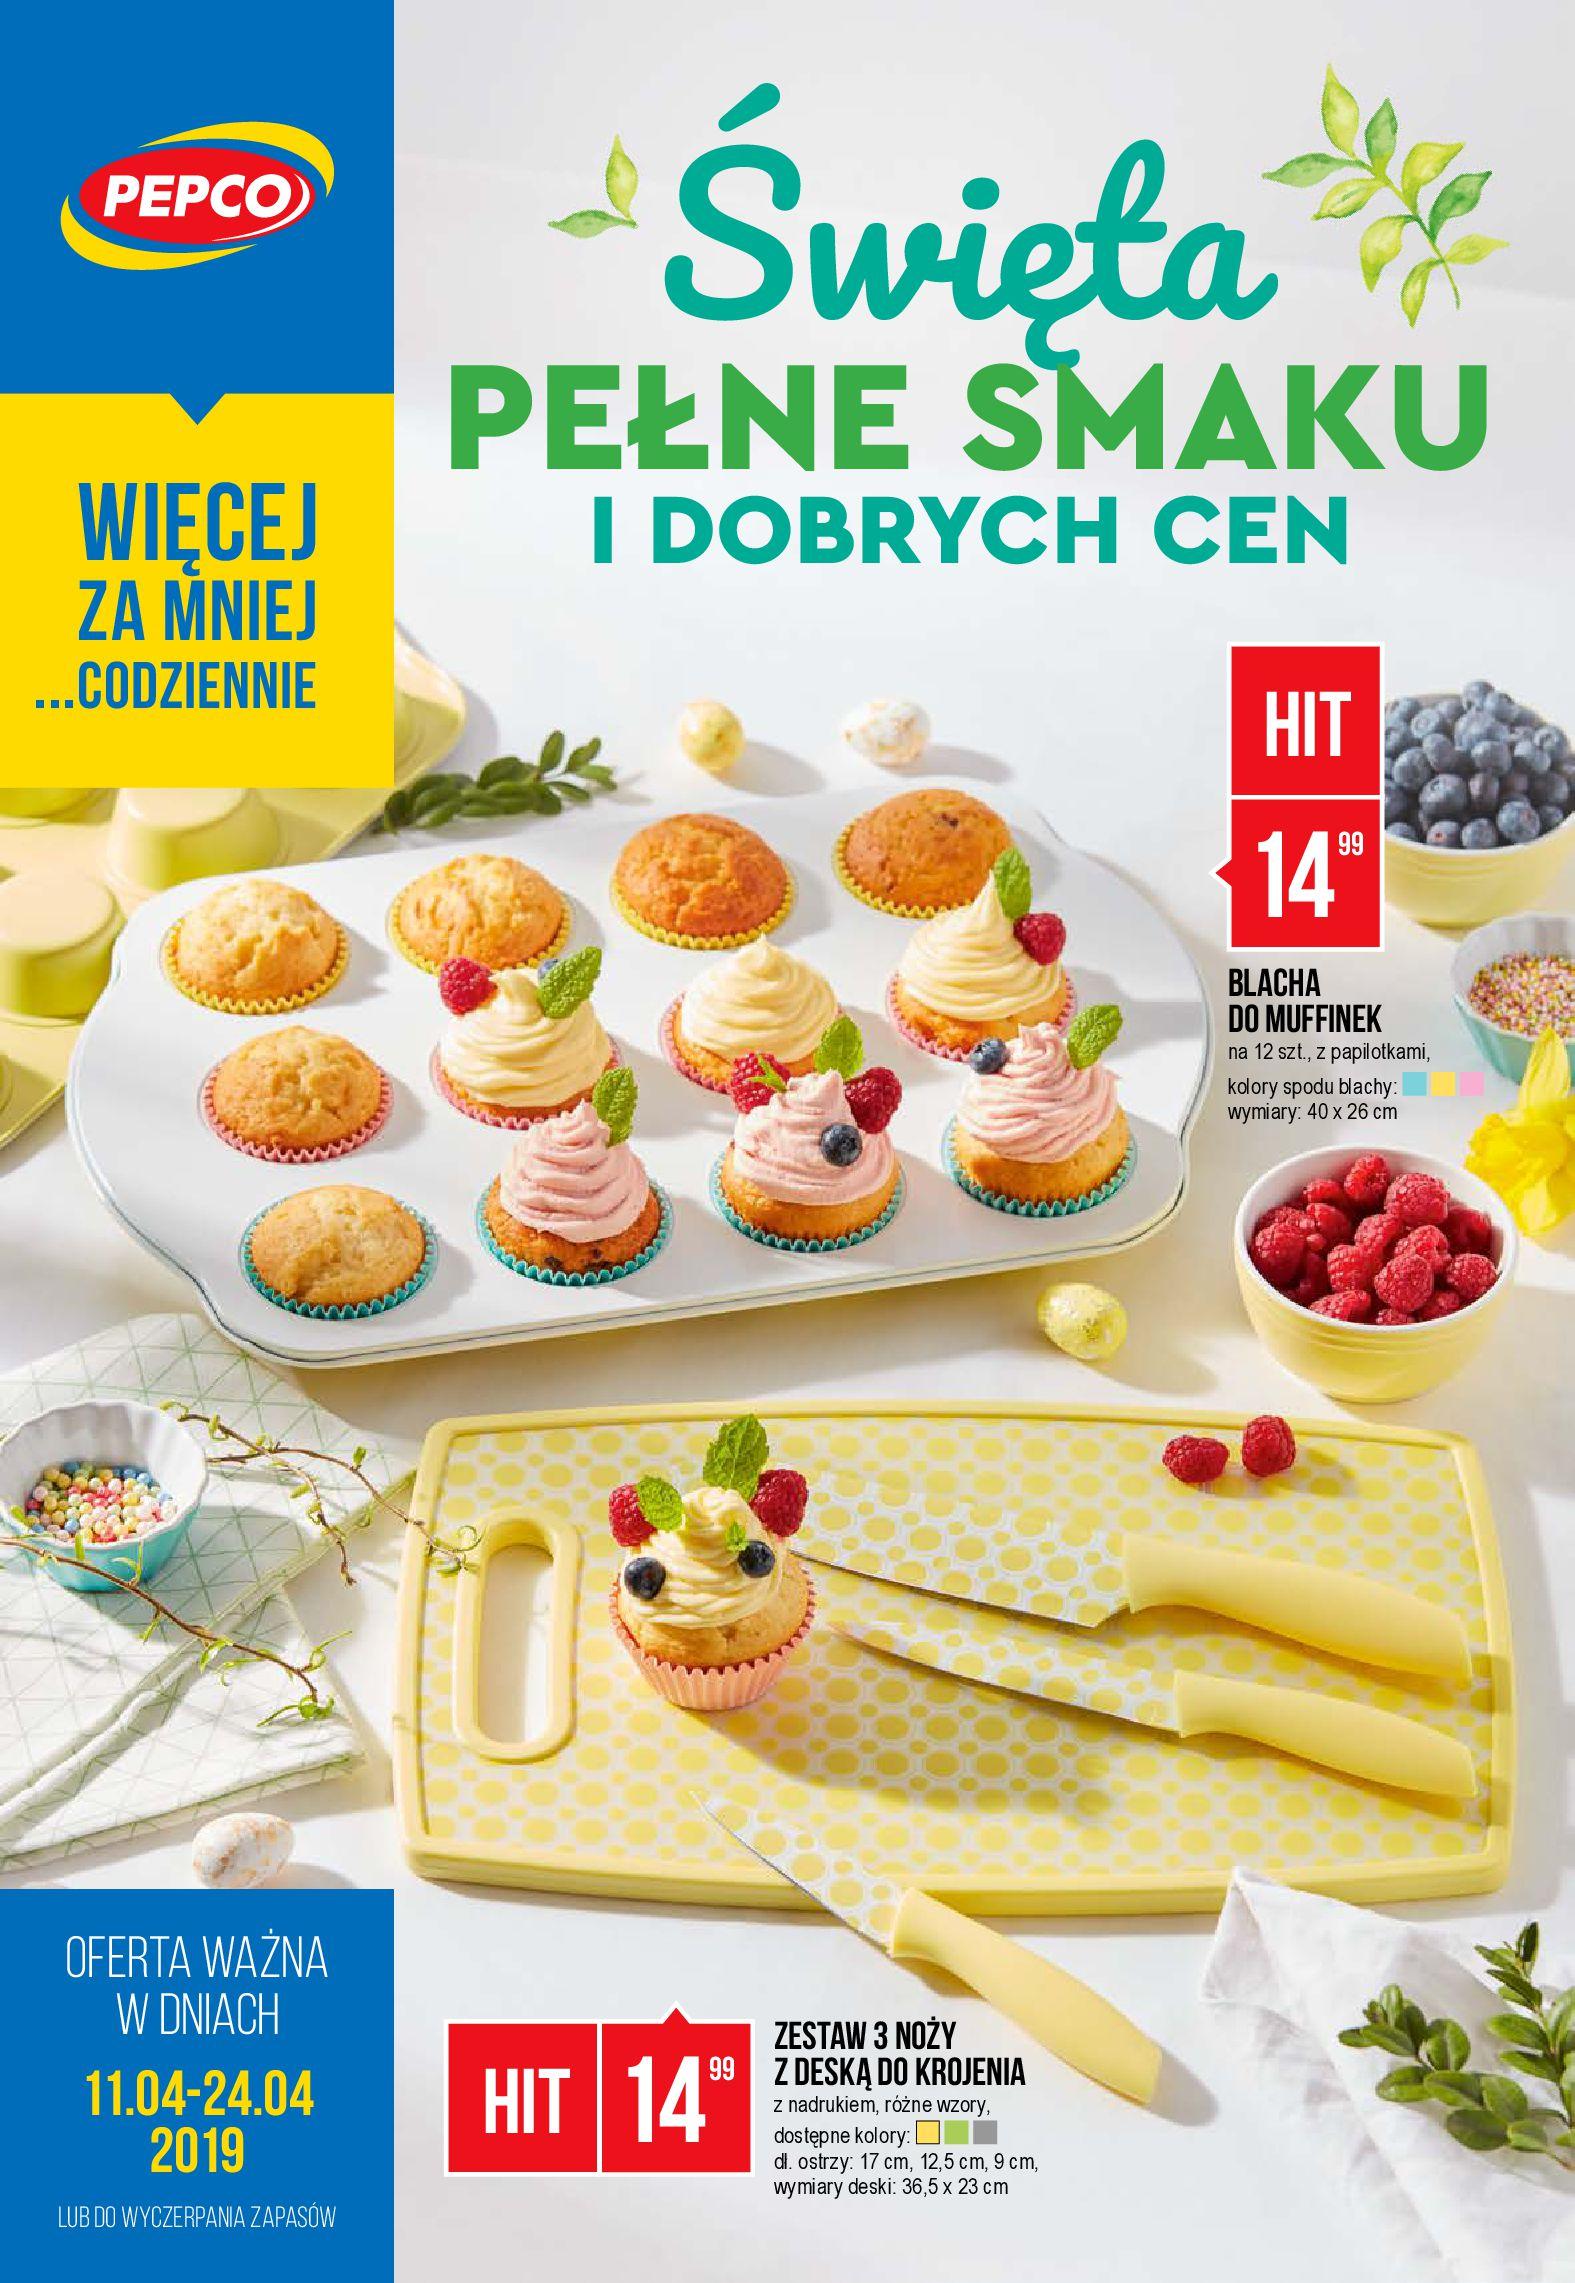 Gazetka Pepco - Święta pełne smaku i dobrych cen-10.04.2019-24.04.2019-page-